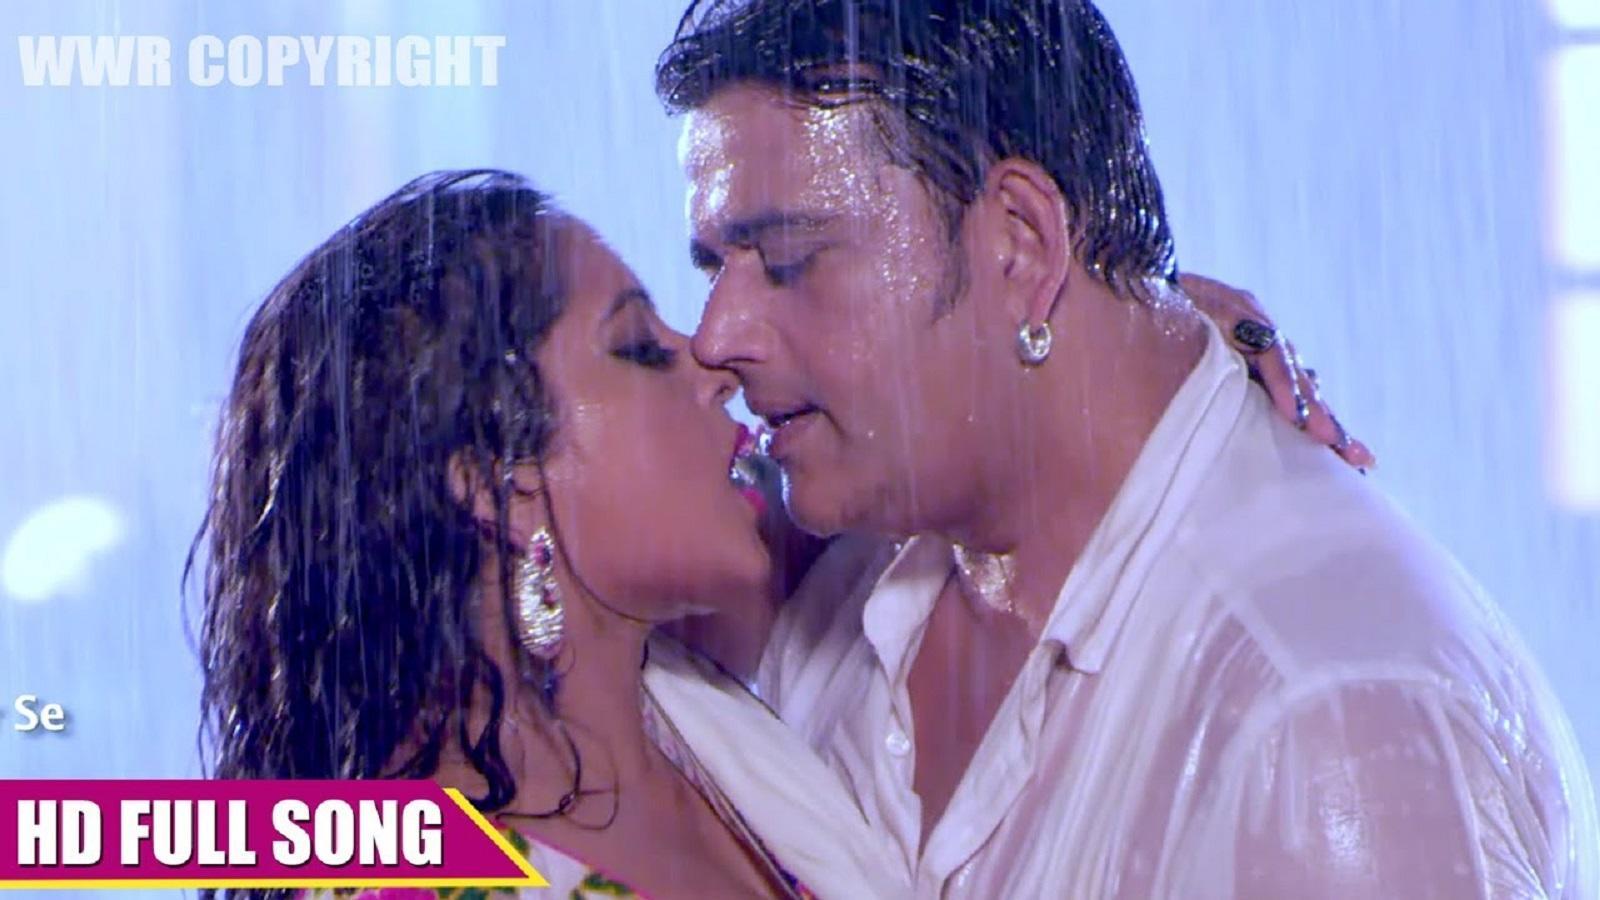 Watch: Bhojpuri song 'Saiyan Dekhi Na Aise Nazar Se' from 'Shahenshaah' Ft   Ravi Kishan and Anjana Singh